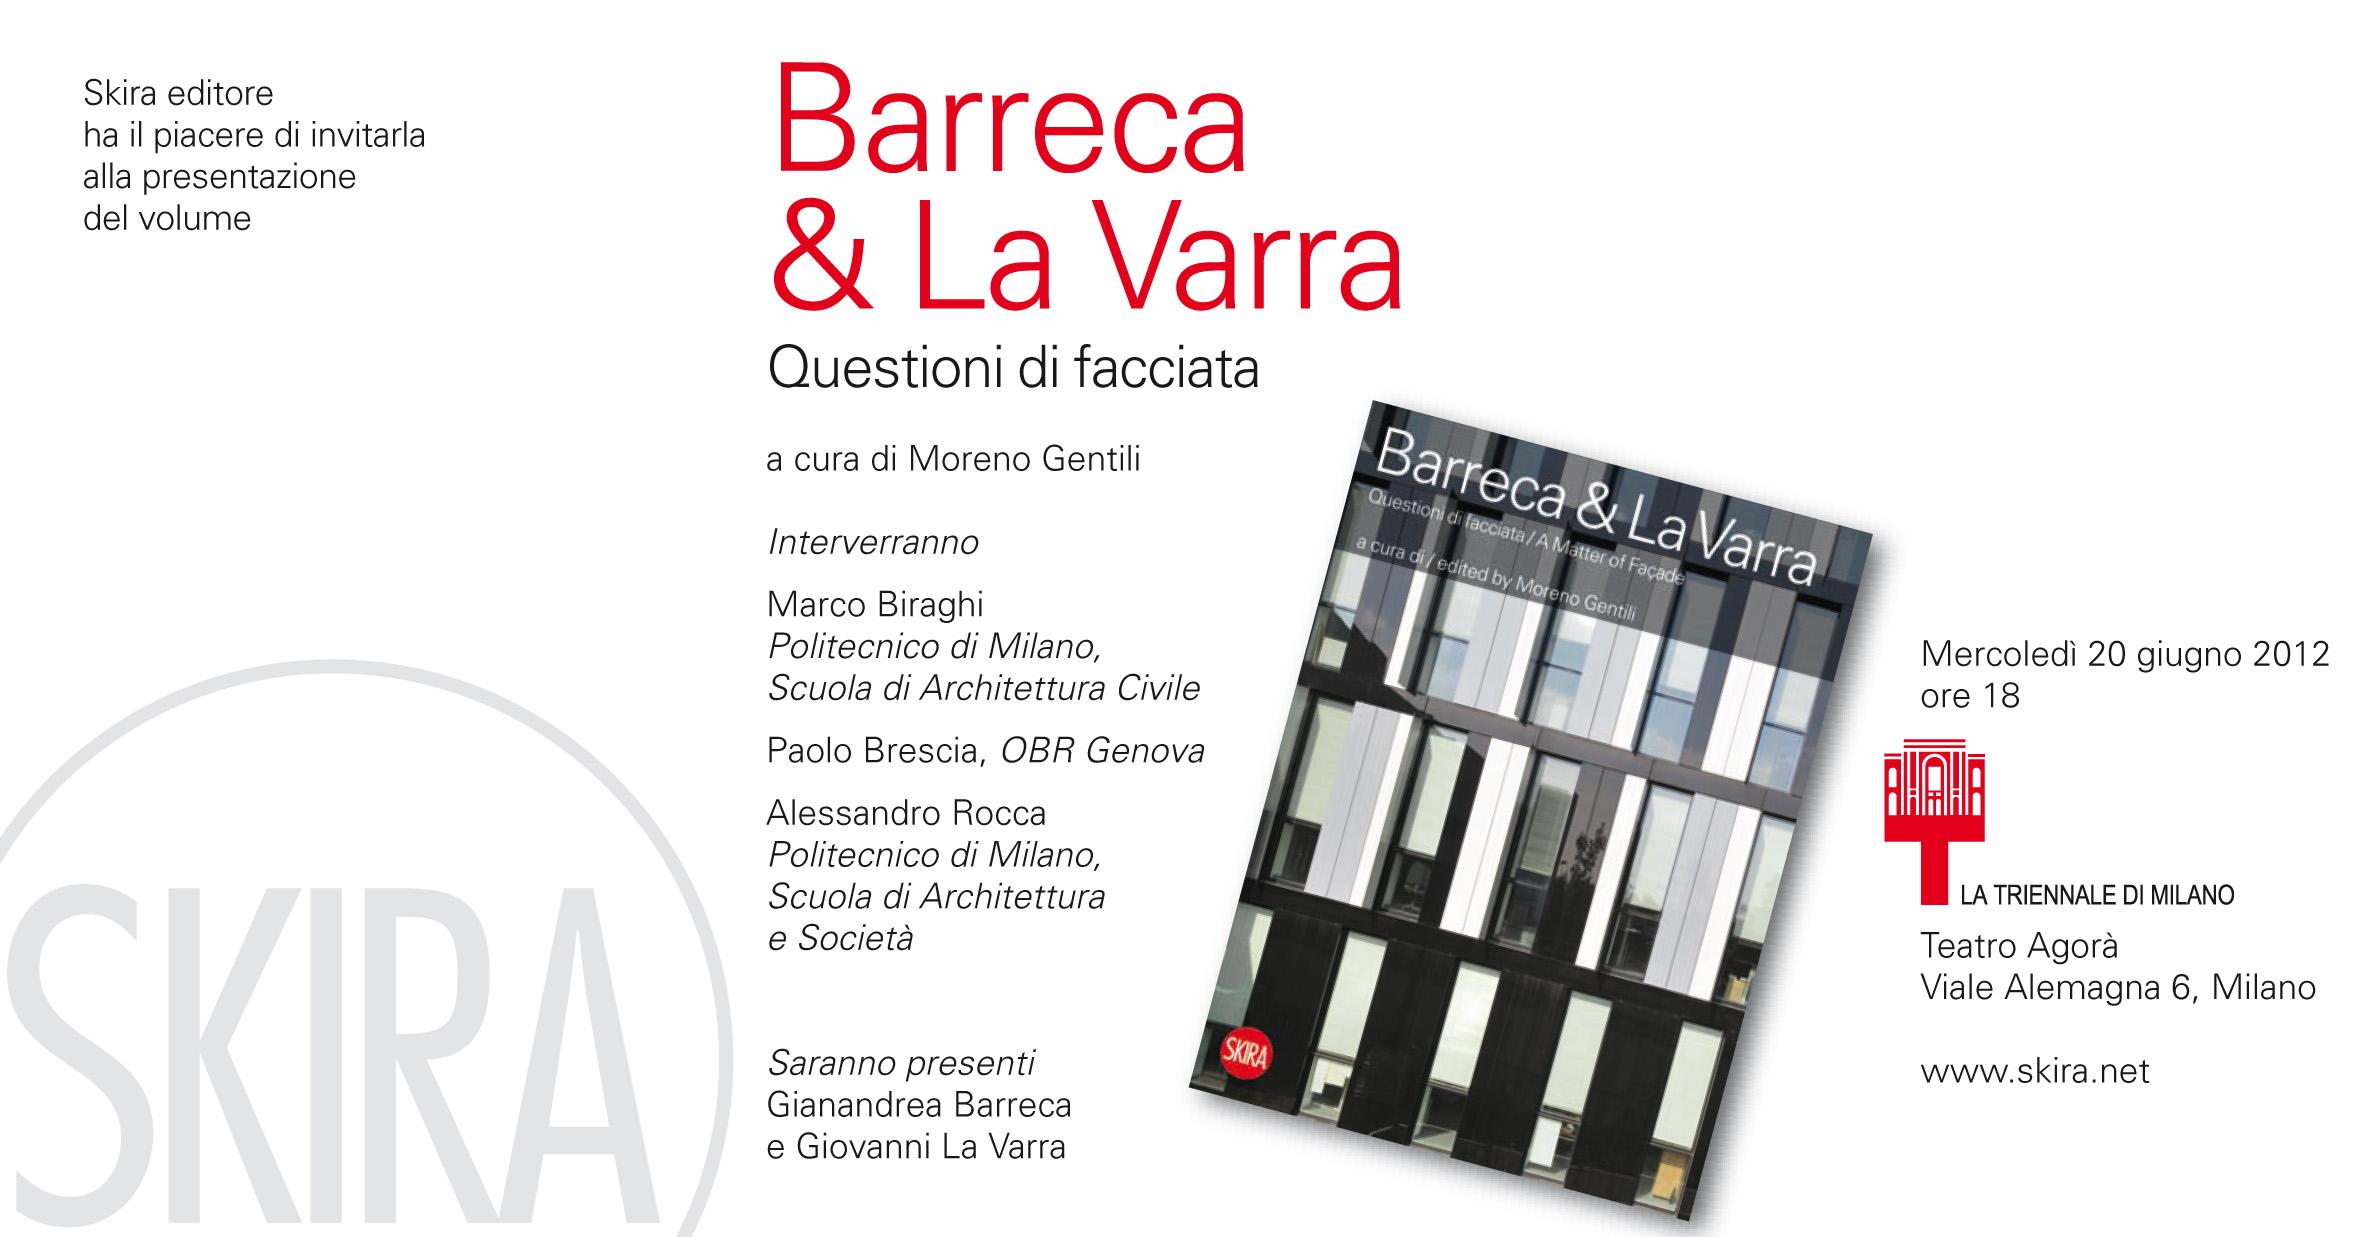 Barreca & La Varra | Questioni di facciata